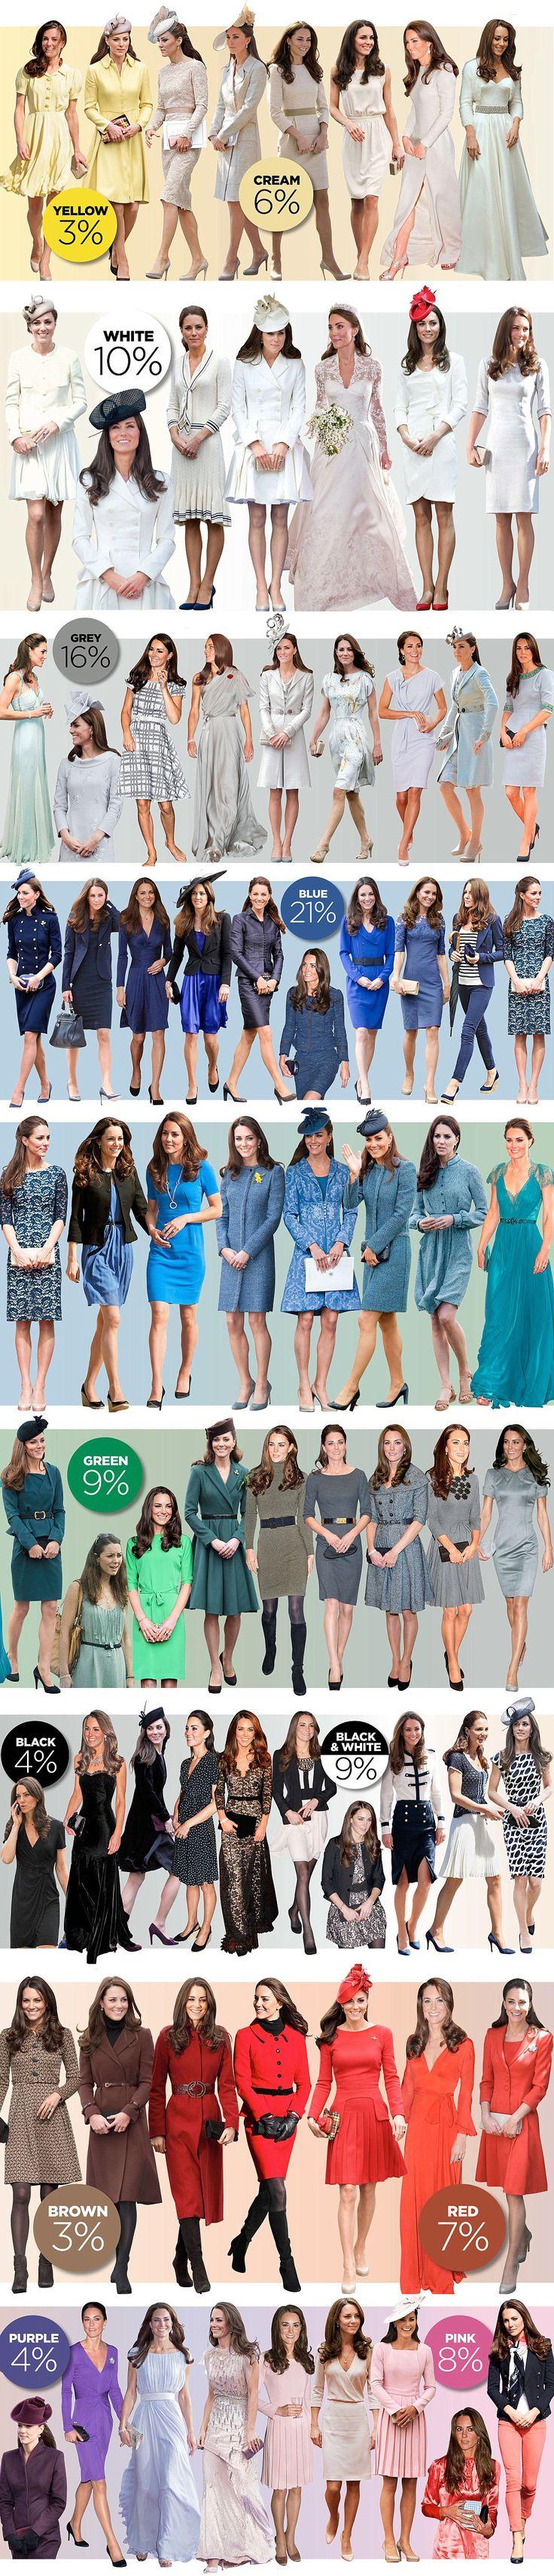 4/26パーソナルショッピングにてお選びした、ロイヤルブルーの5部袖のドレスをお召しになったお客様が「キャサリン妃みたいかも♪」と仰って下さいましたが(エレガントで知的、気品と色気が同居して美しかったのです! )、実際キャサリン妃のブルーの着用比率は高め(^-^)